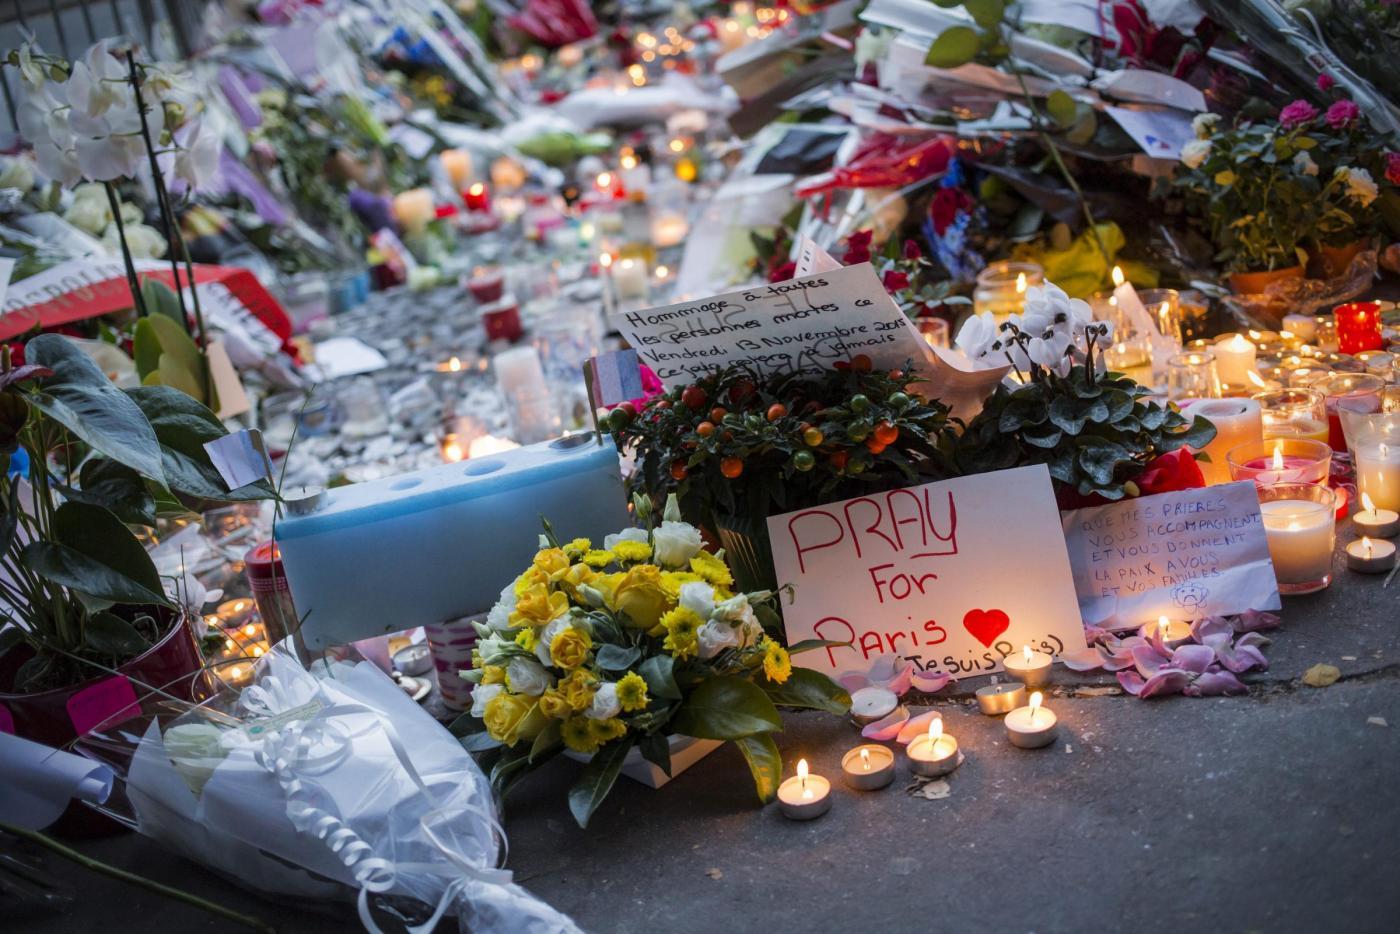 Commemorazioni in tutta la Francia dopo attacchi a Parigi